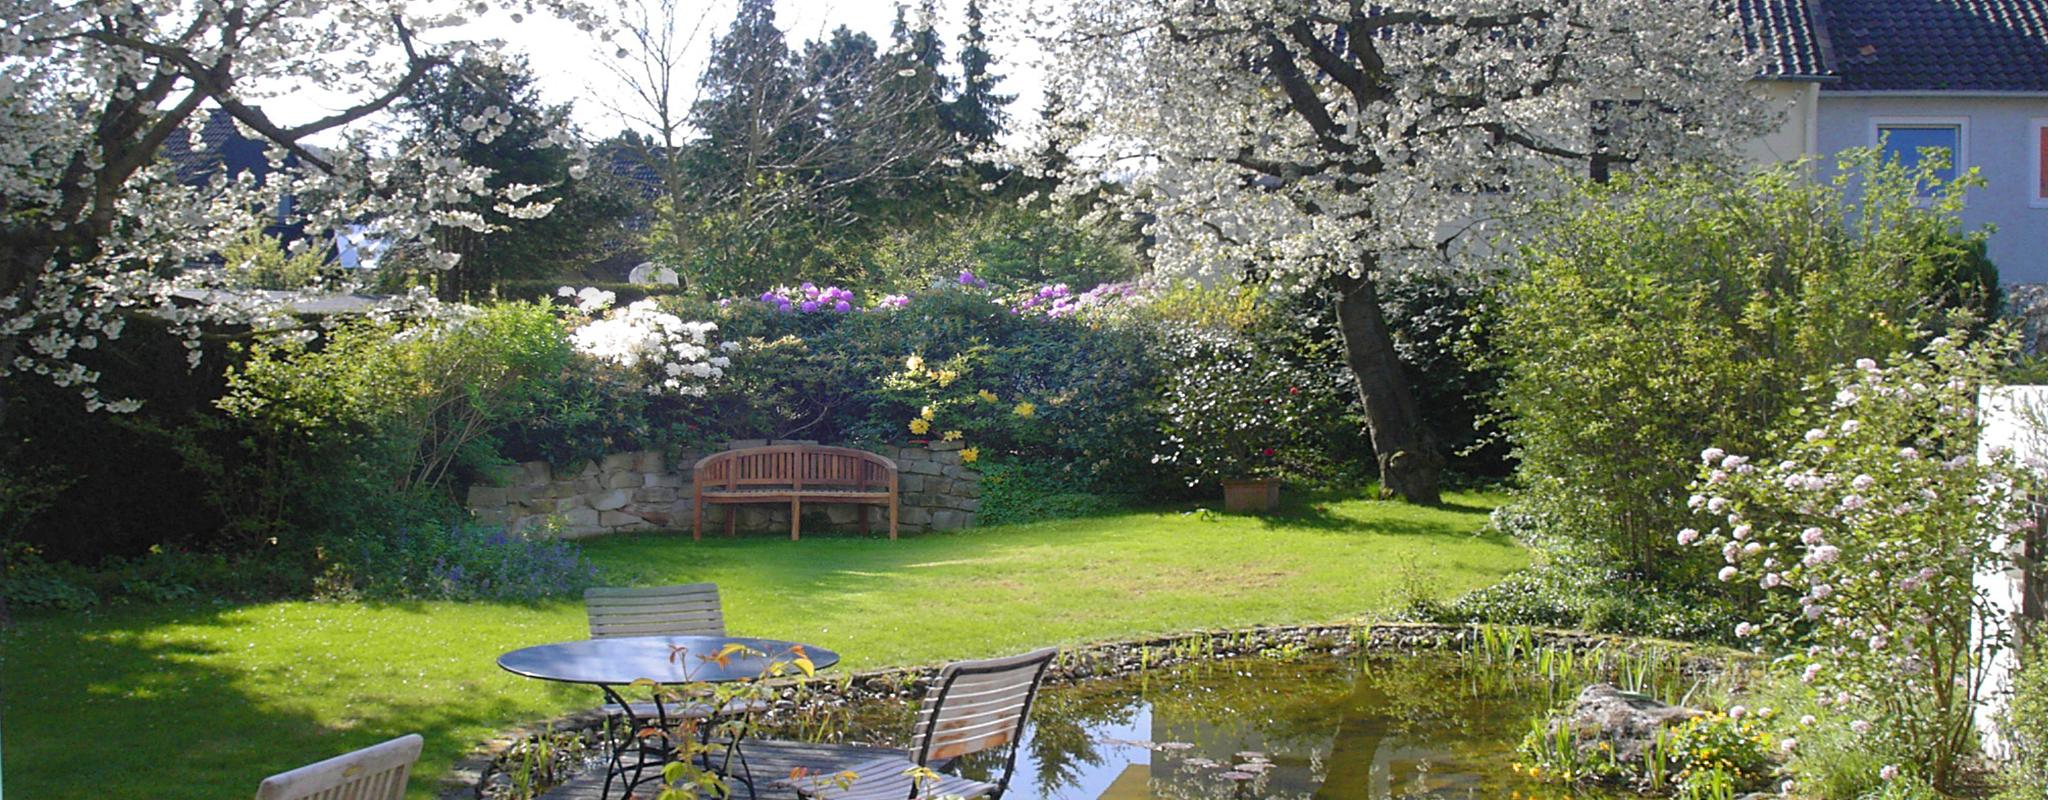 Gartenplanung-Braunschweig.jpg